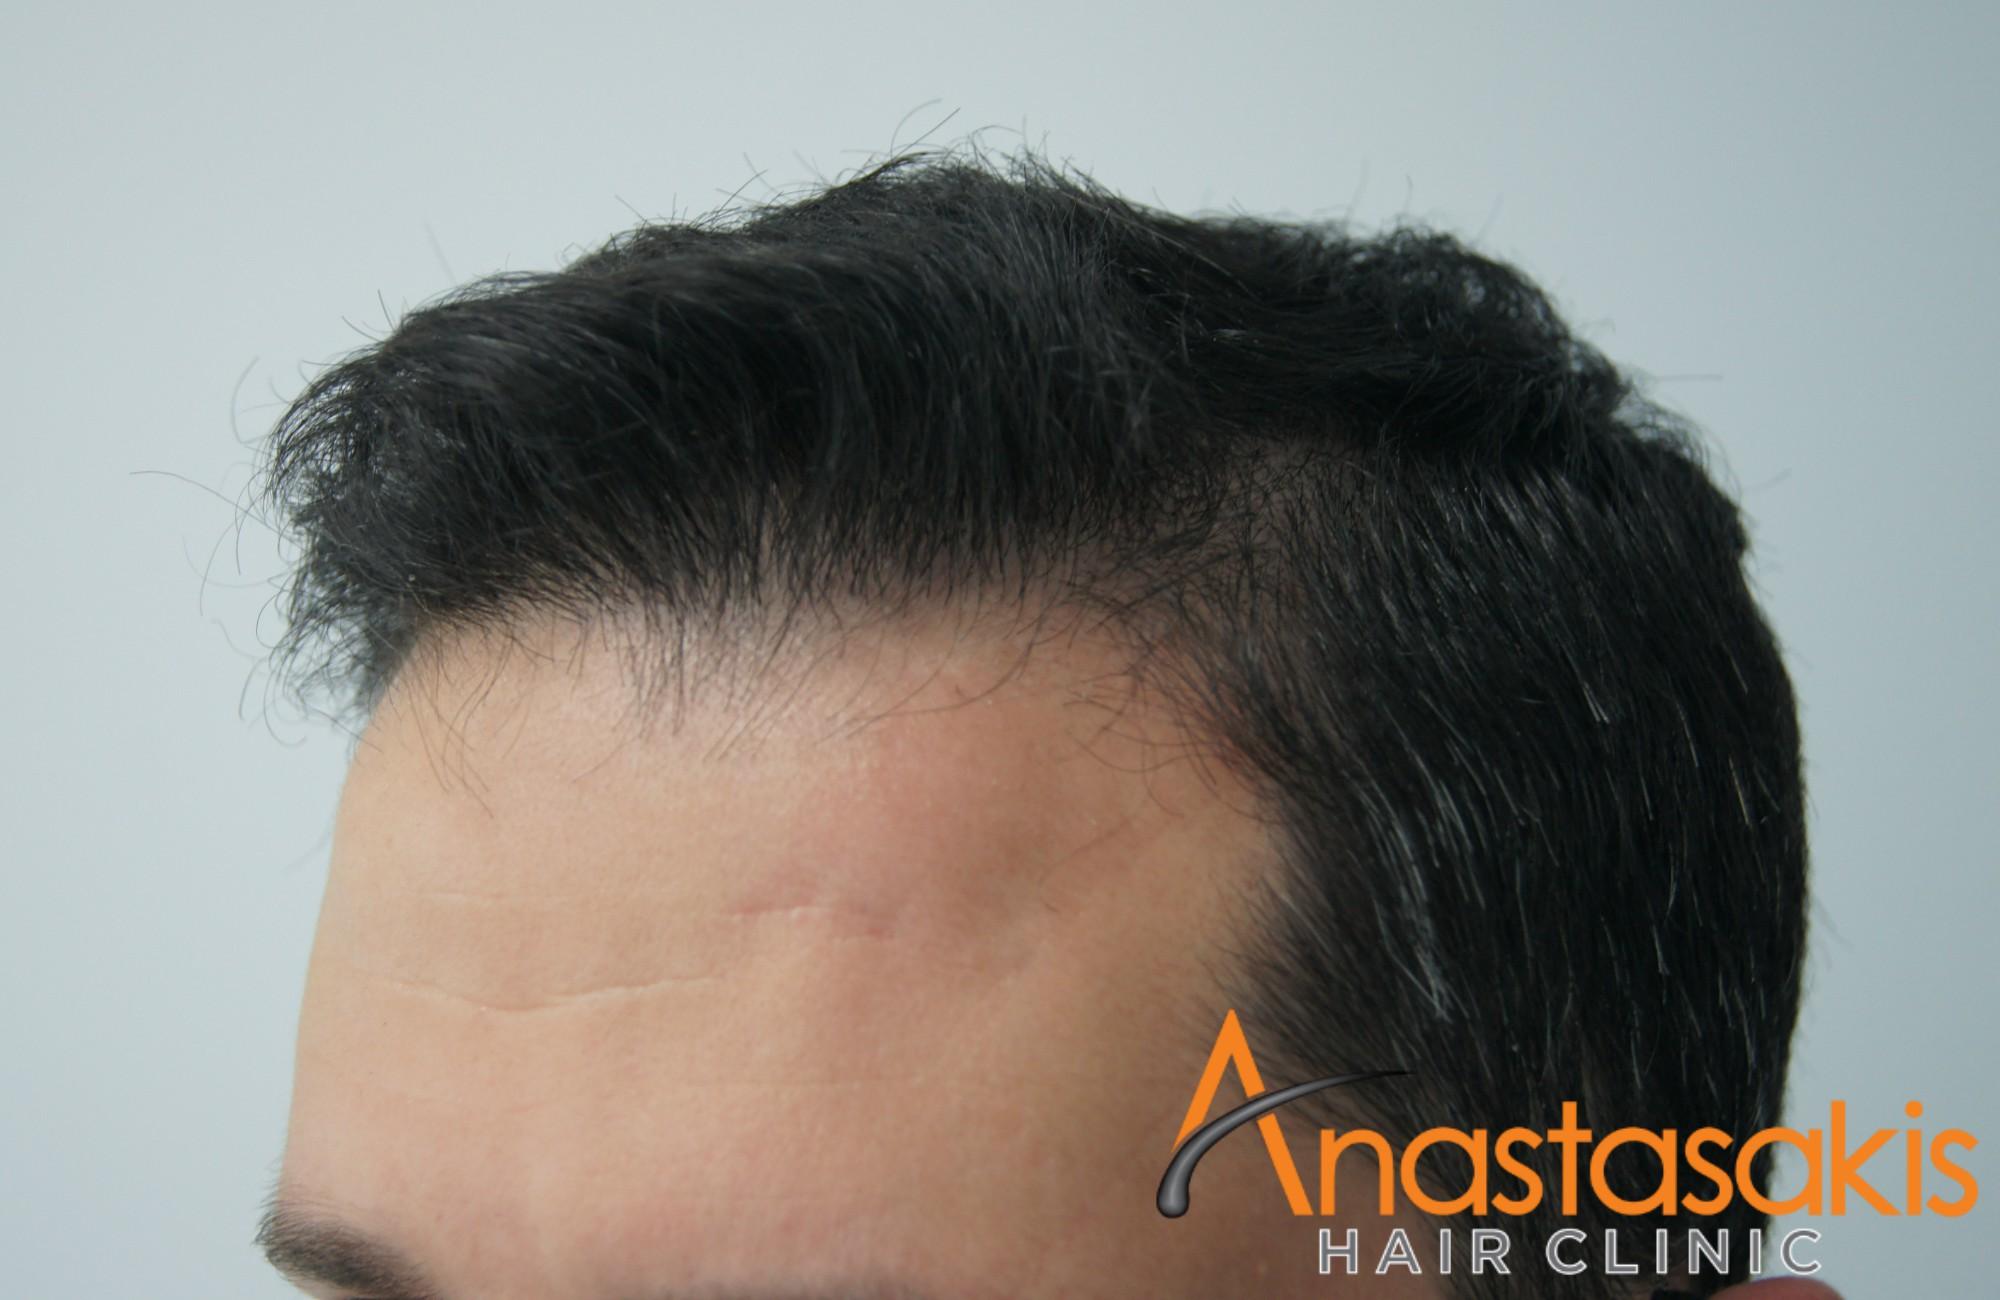 άνδρας μετά τη μεταμόσχευση μαλλιών fue με 1700fus αριστερό προφίλ 2